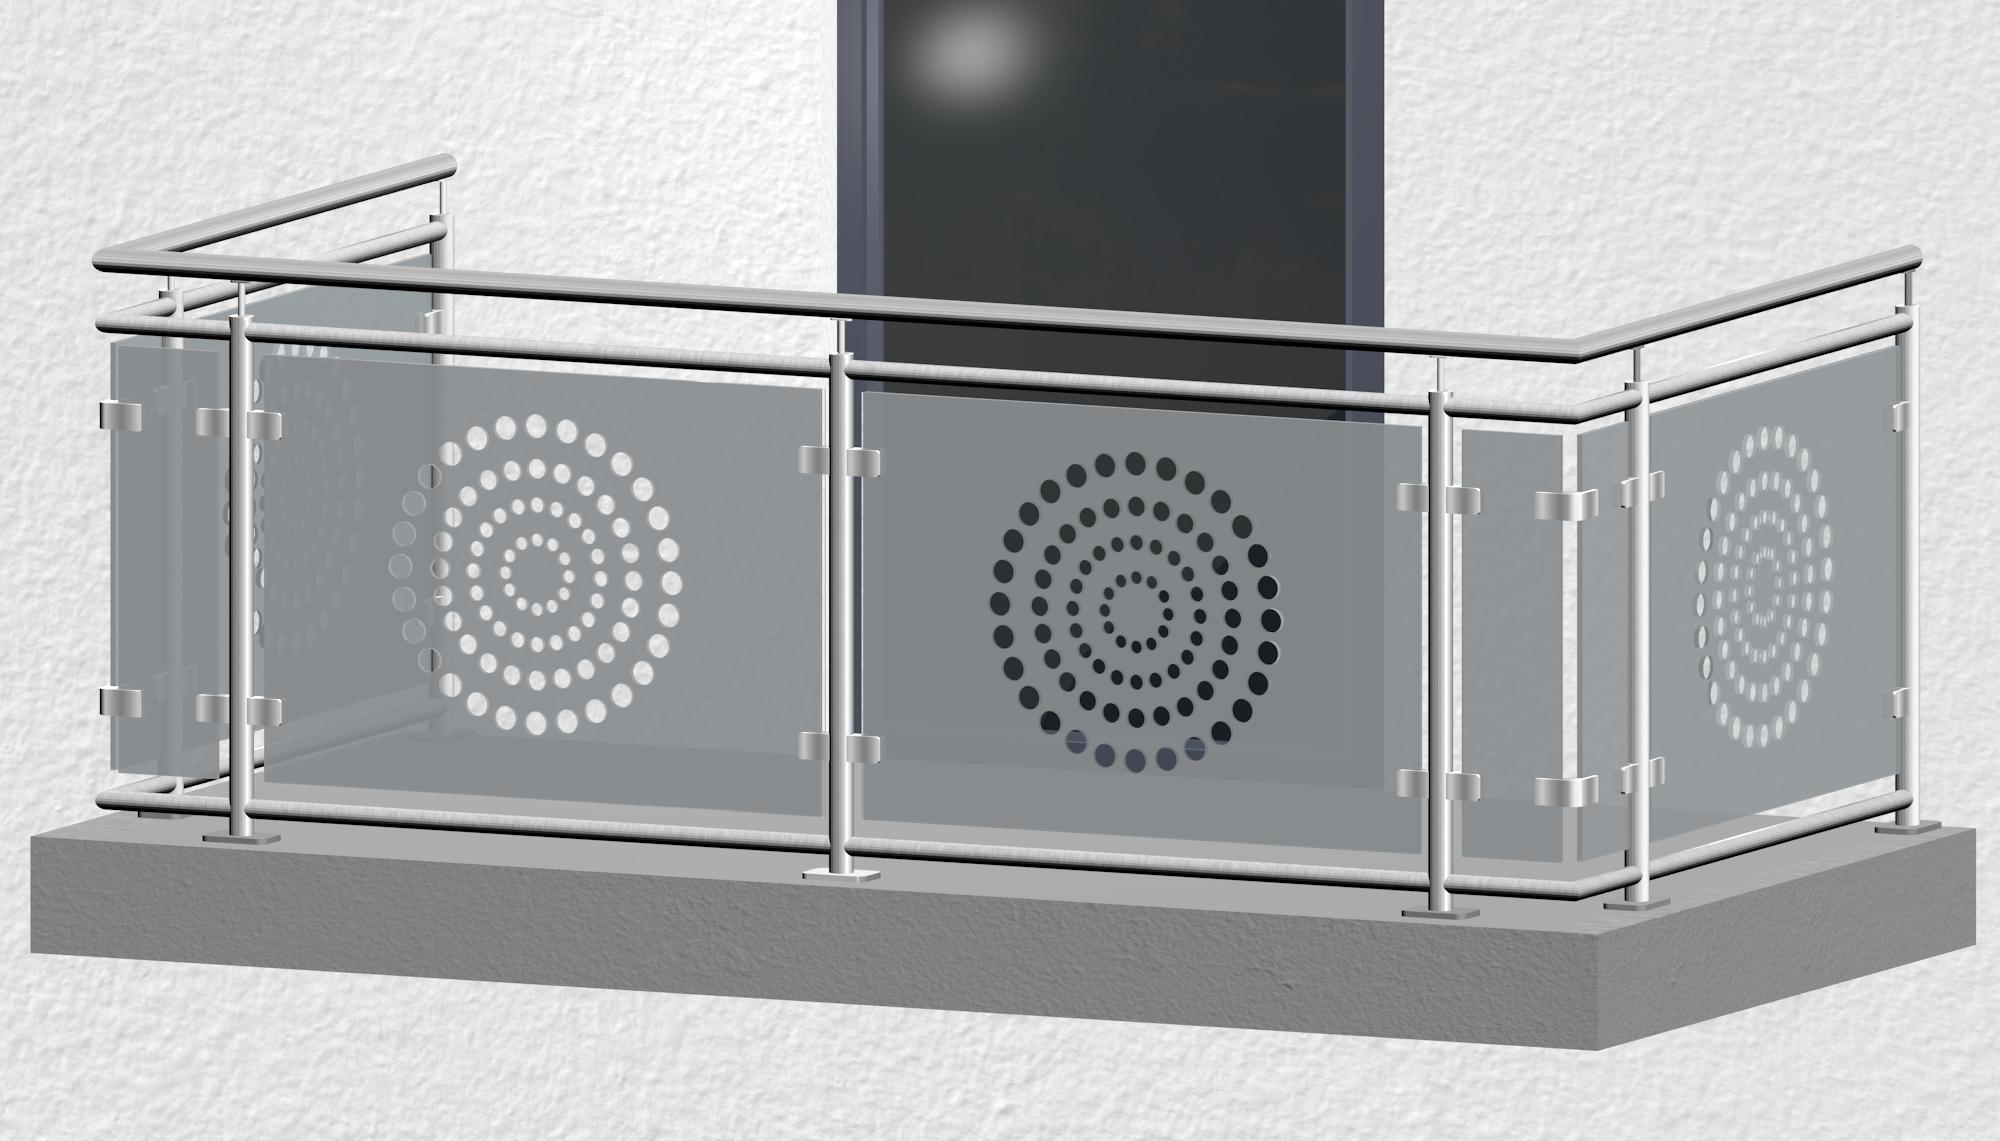 Balkongeländer Edelstahl Designglas KR